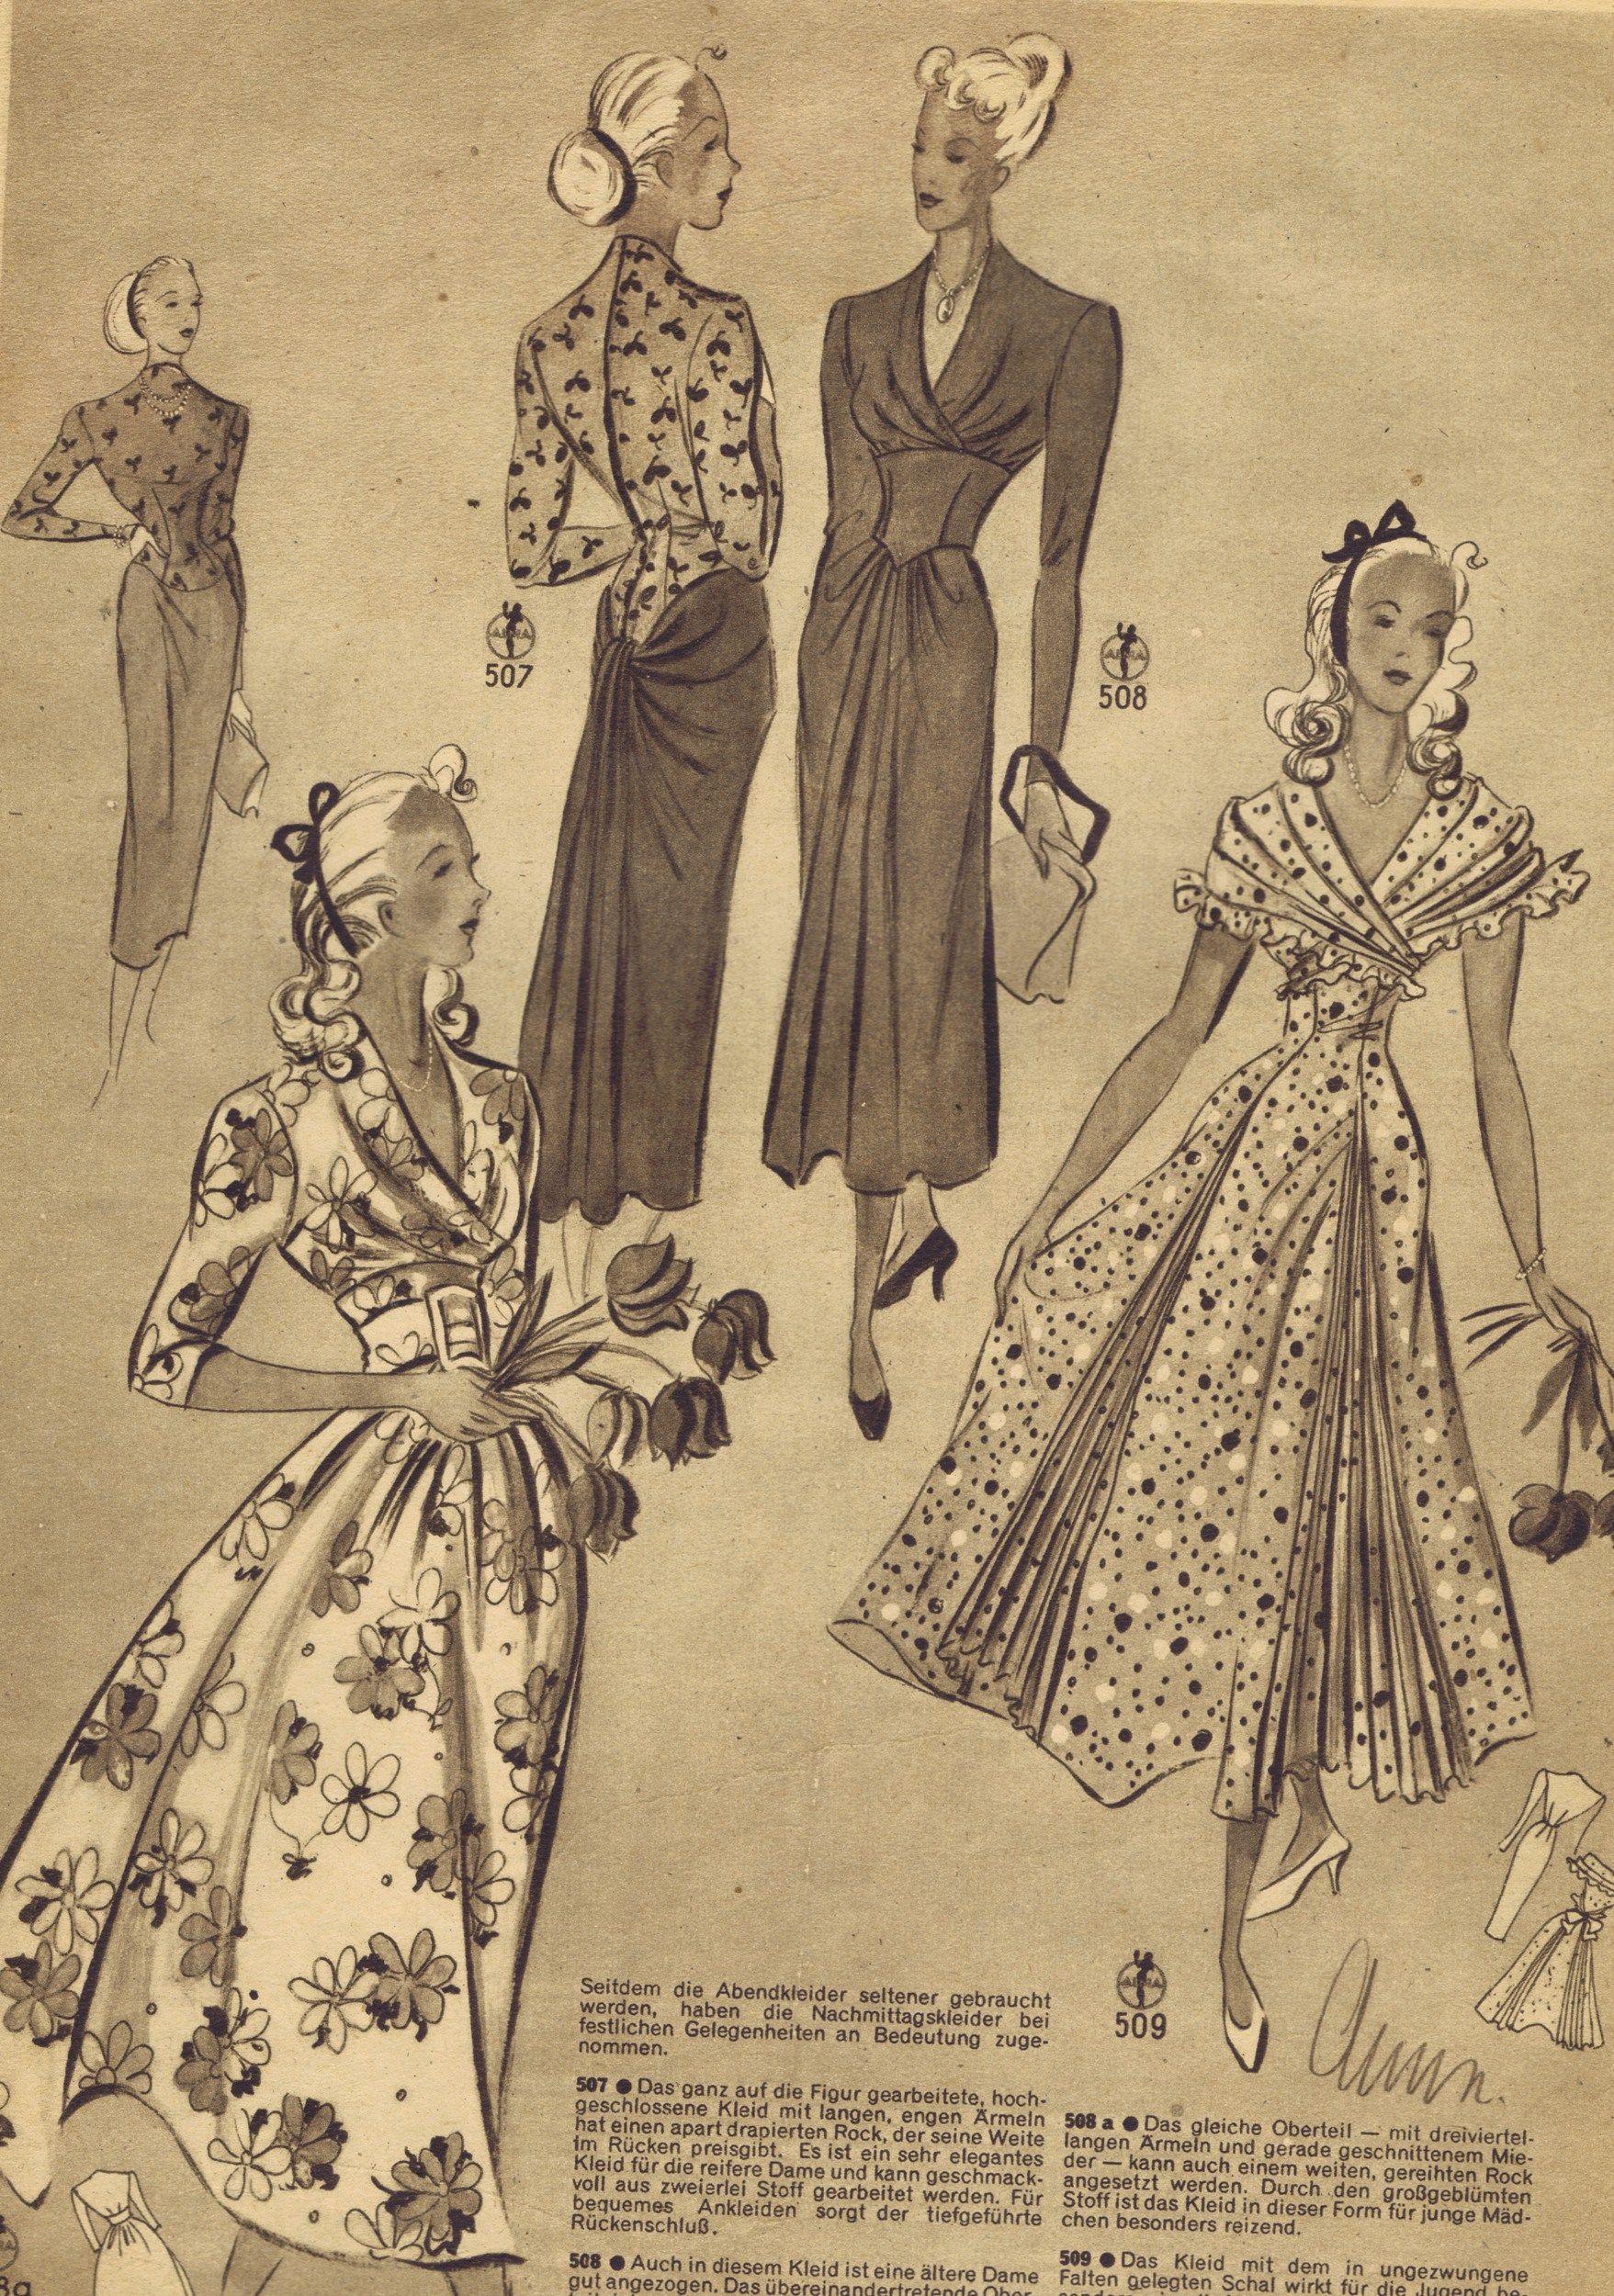 Free vintage 1940s sewing patterns german die alma mode dress free vintage 1940s sewing patterns german die alma mode vintage dress patternsclothing jeuxipadfo Choice Image